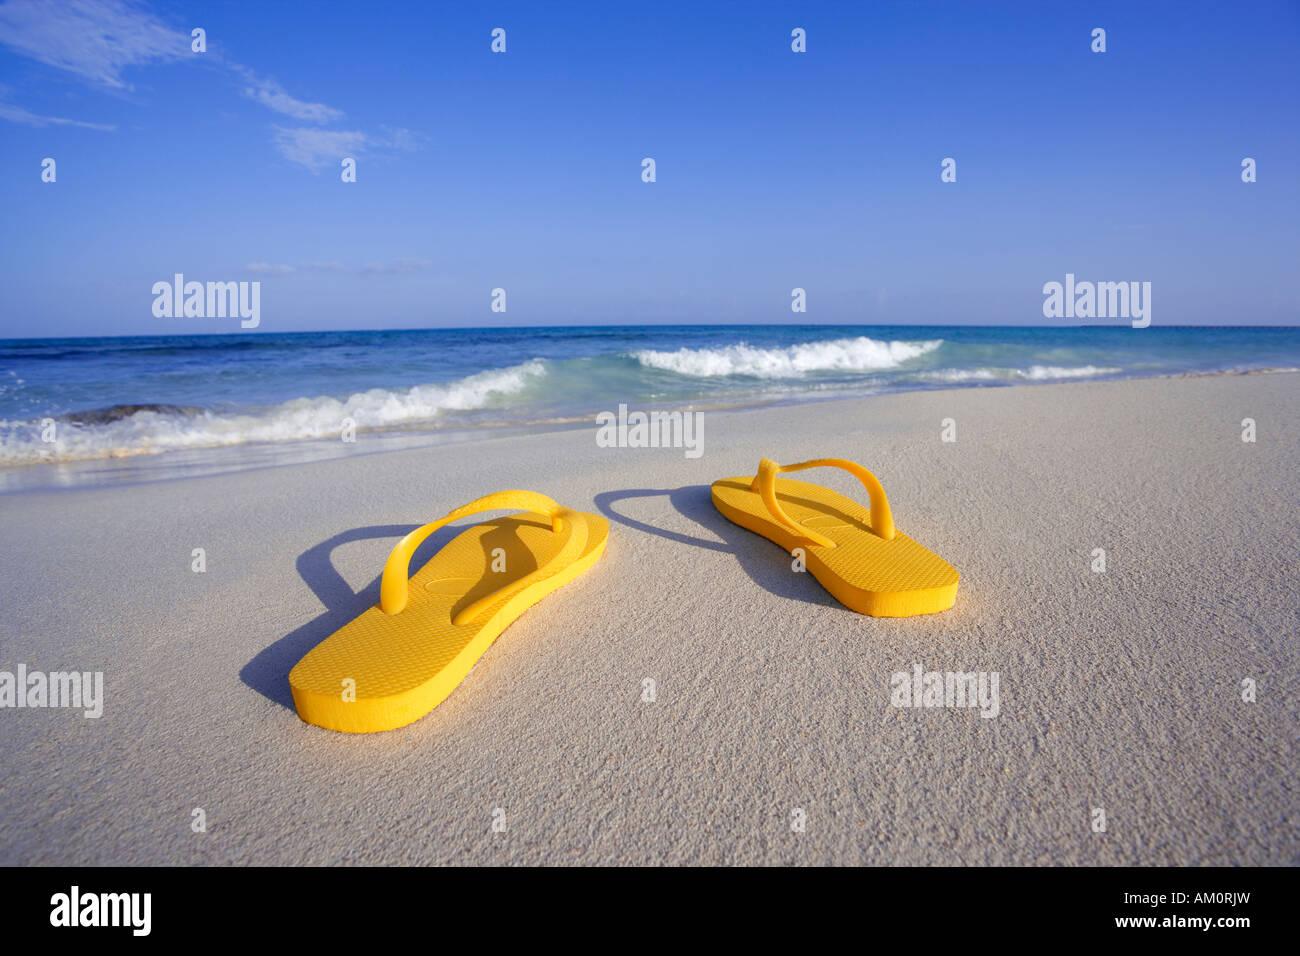 Coppia di giallo flip flop sandals sulla spiaggia vicino waters edge in Playa del Carmen, Messico Immagini Stock